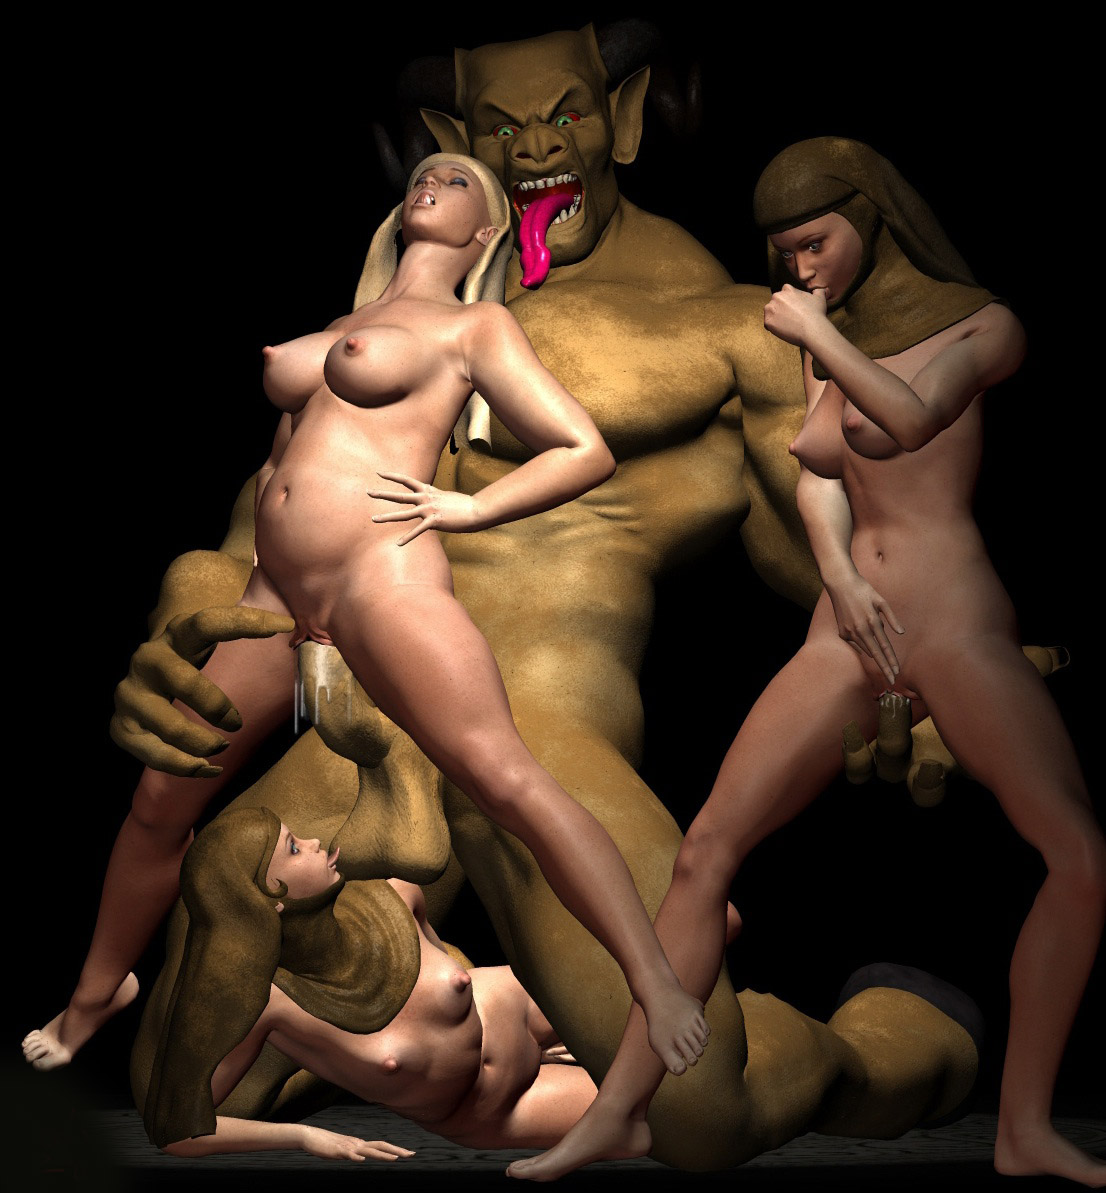 Порно видео секс монстры